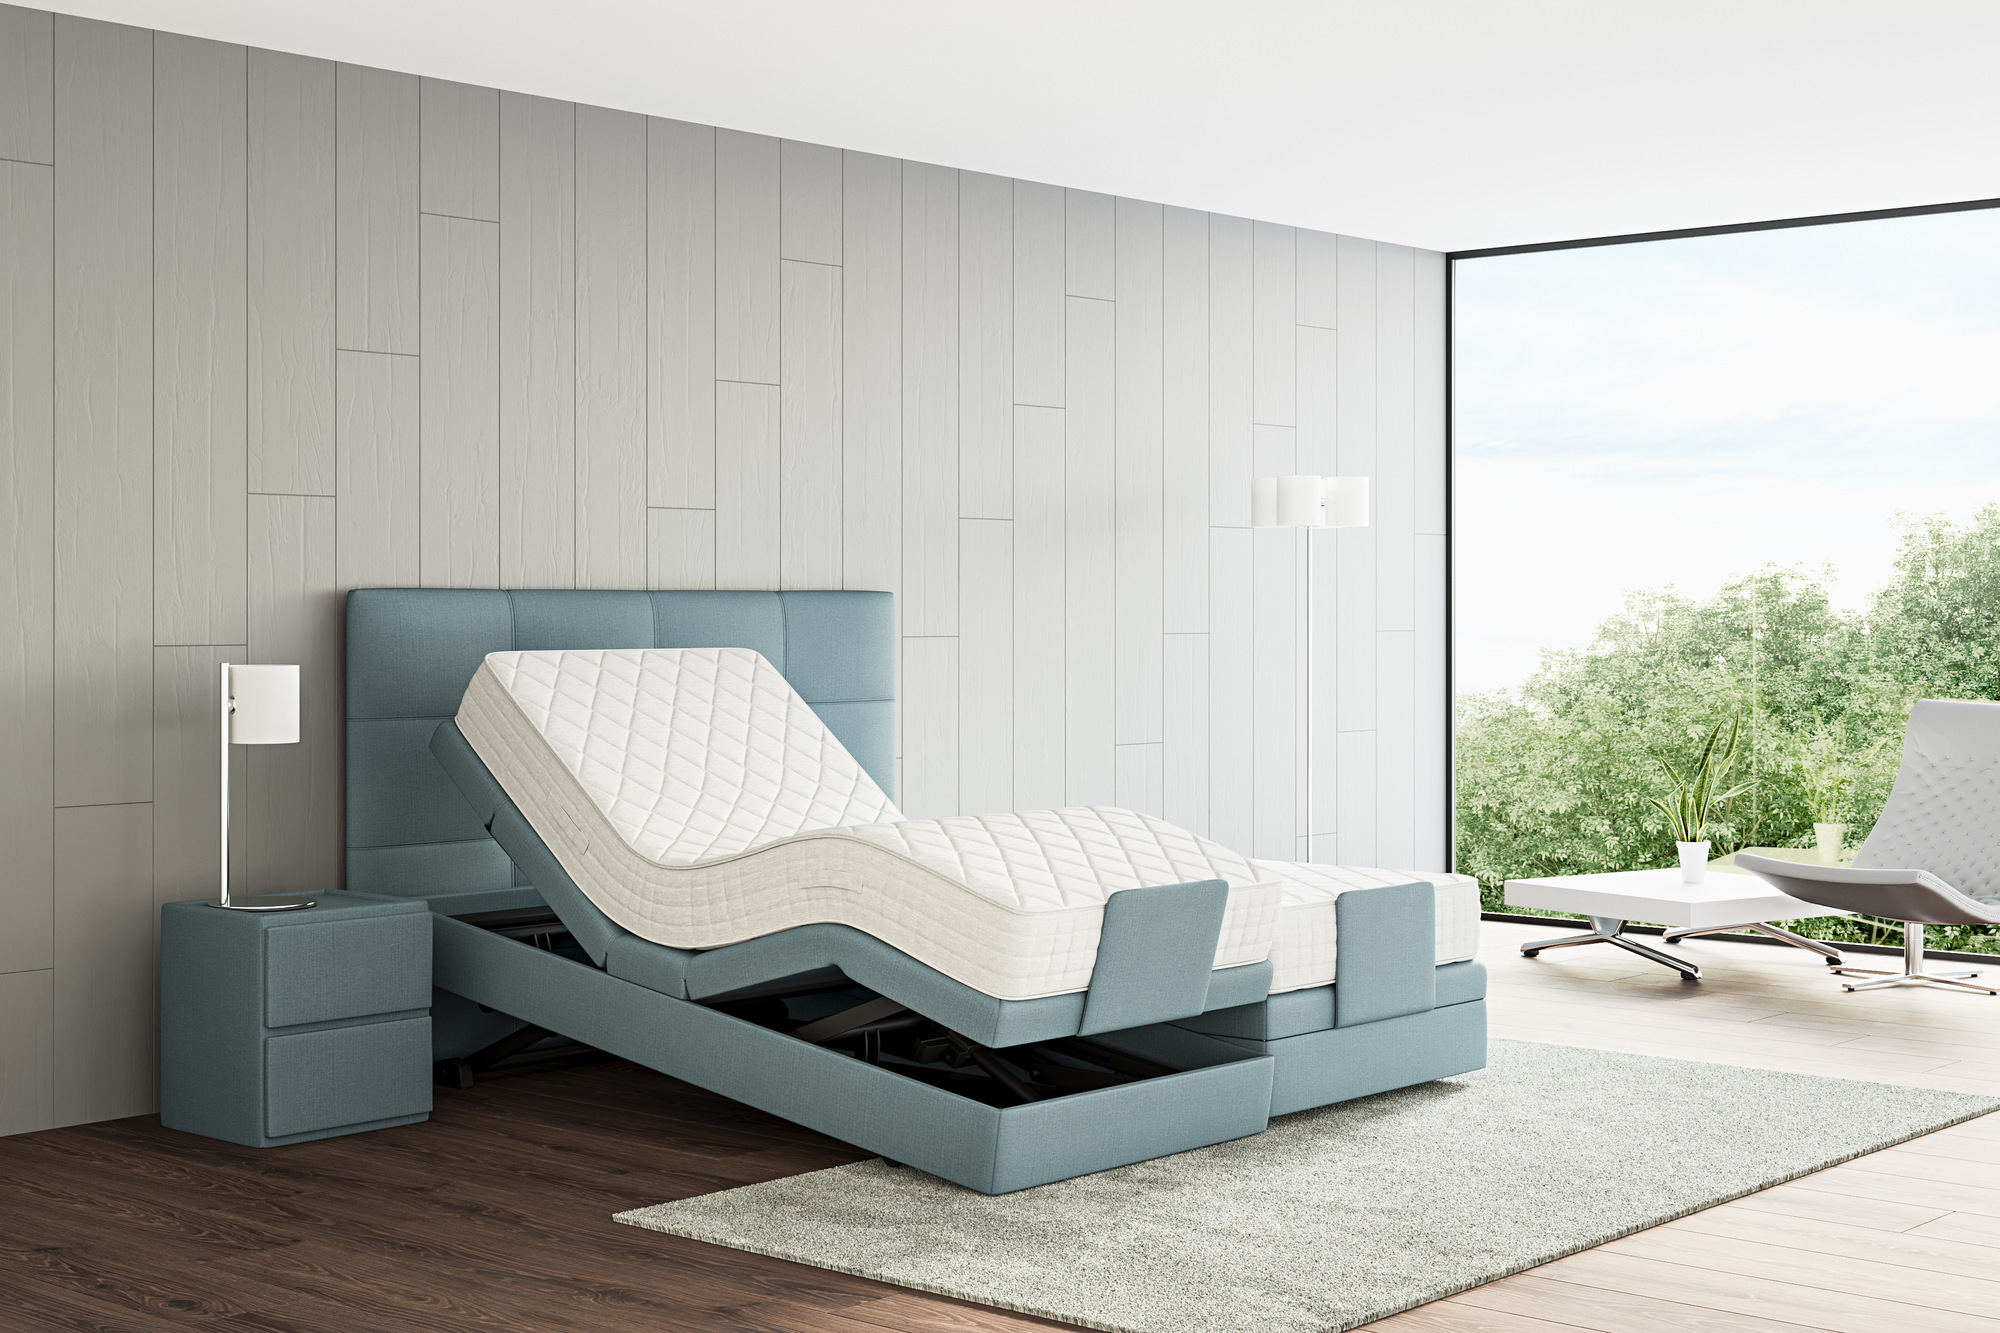 1551361648-care-produkte-boxspringbett-eos-relax-von-philrouge-kopfteil-manhatten_3.jpg